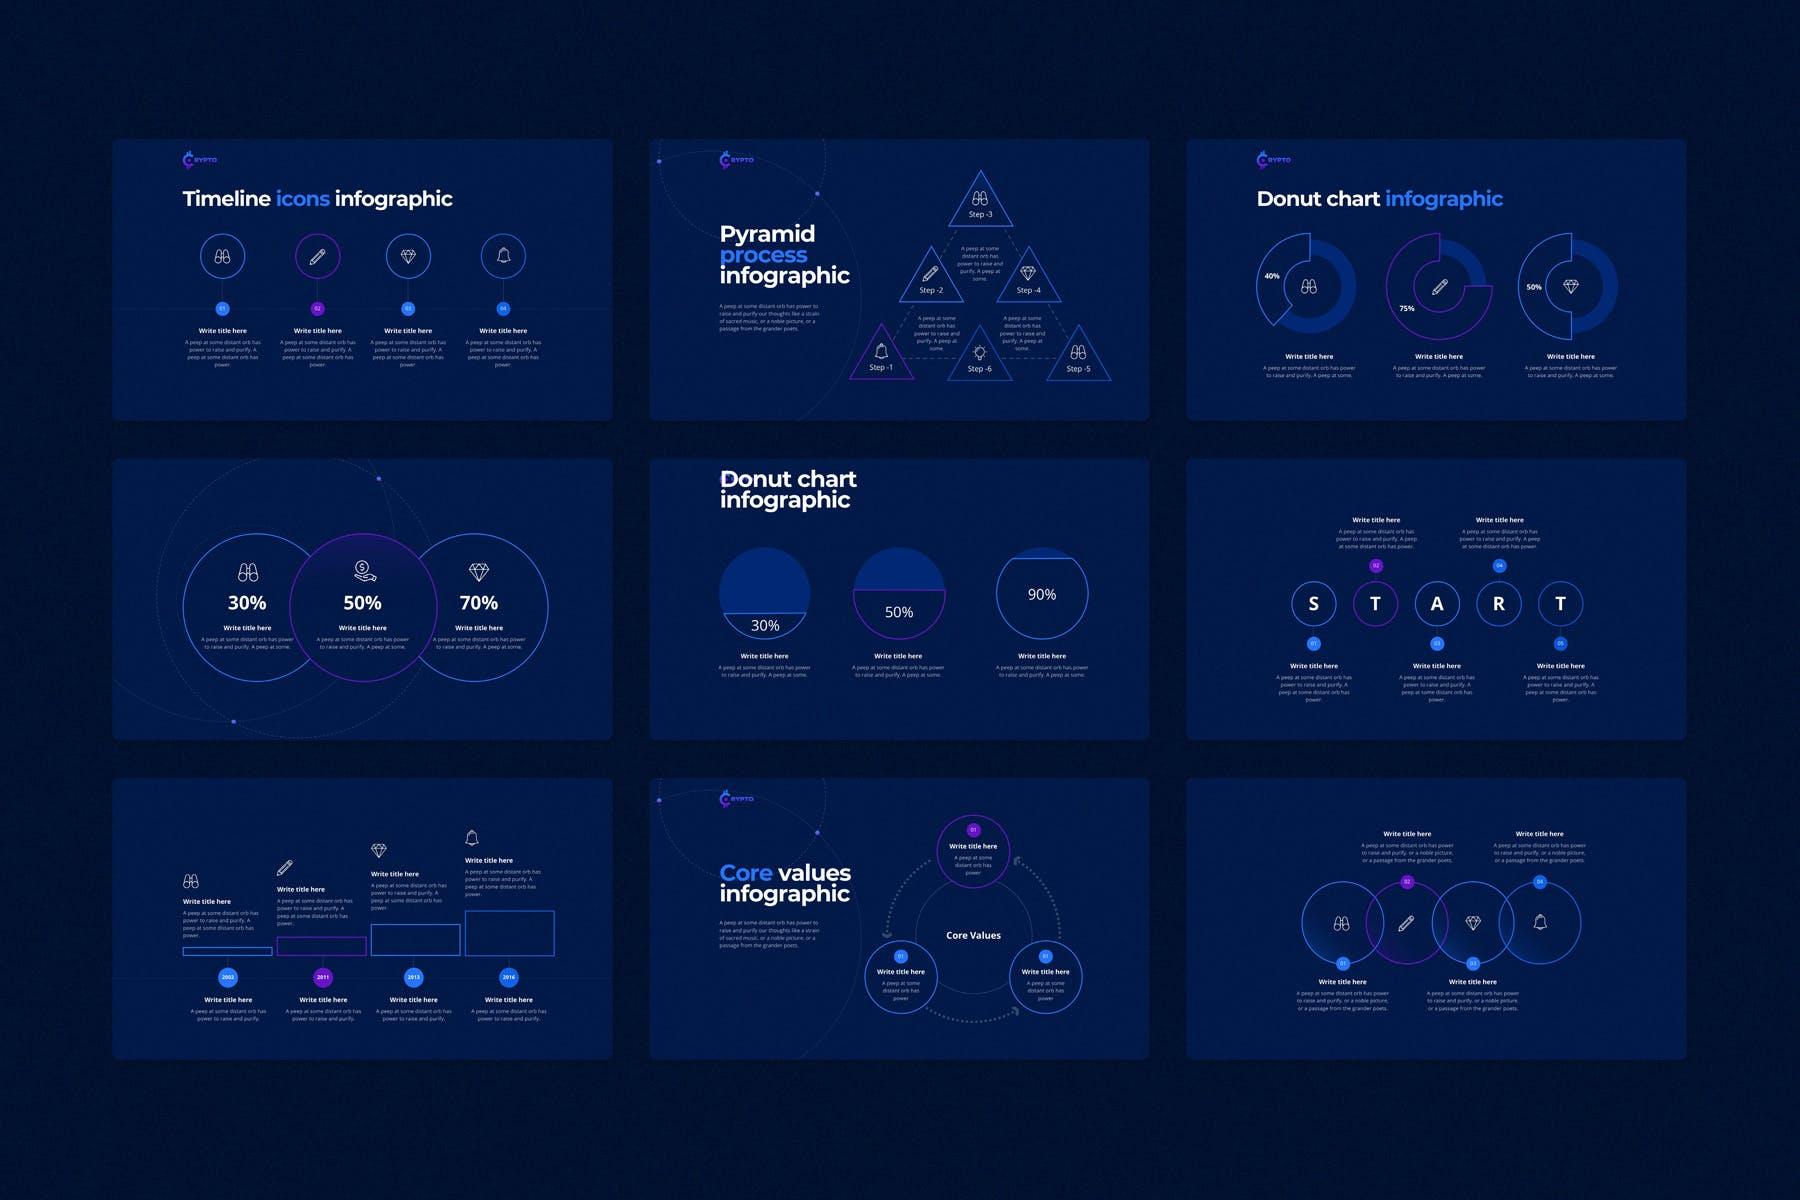 行业研究公司业务介绍图表设计幻灯片模板 CRYPTO Powerpoint Template插图(11)